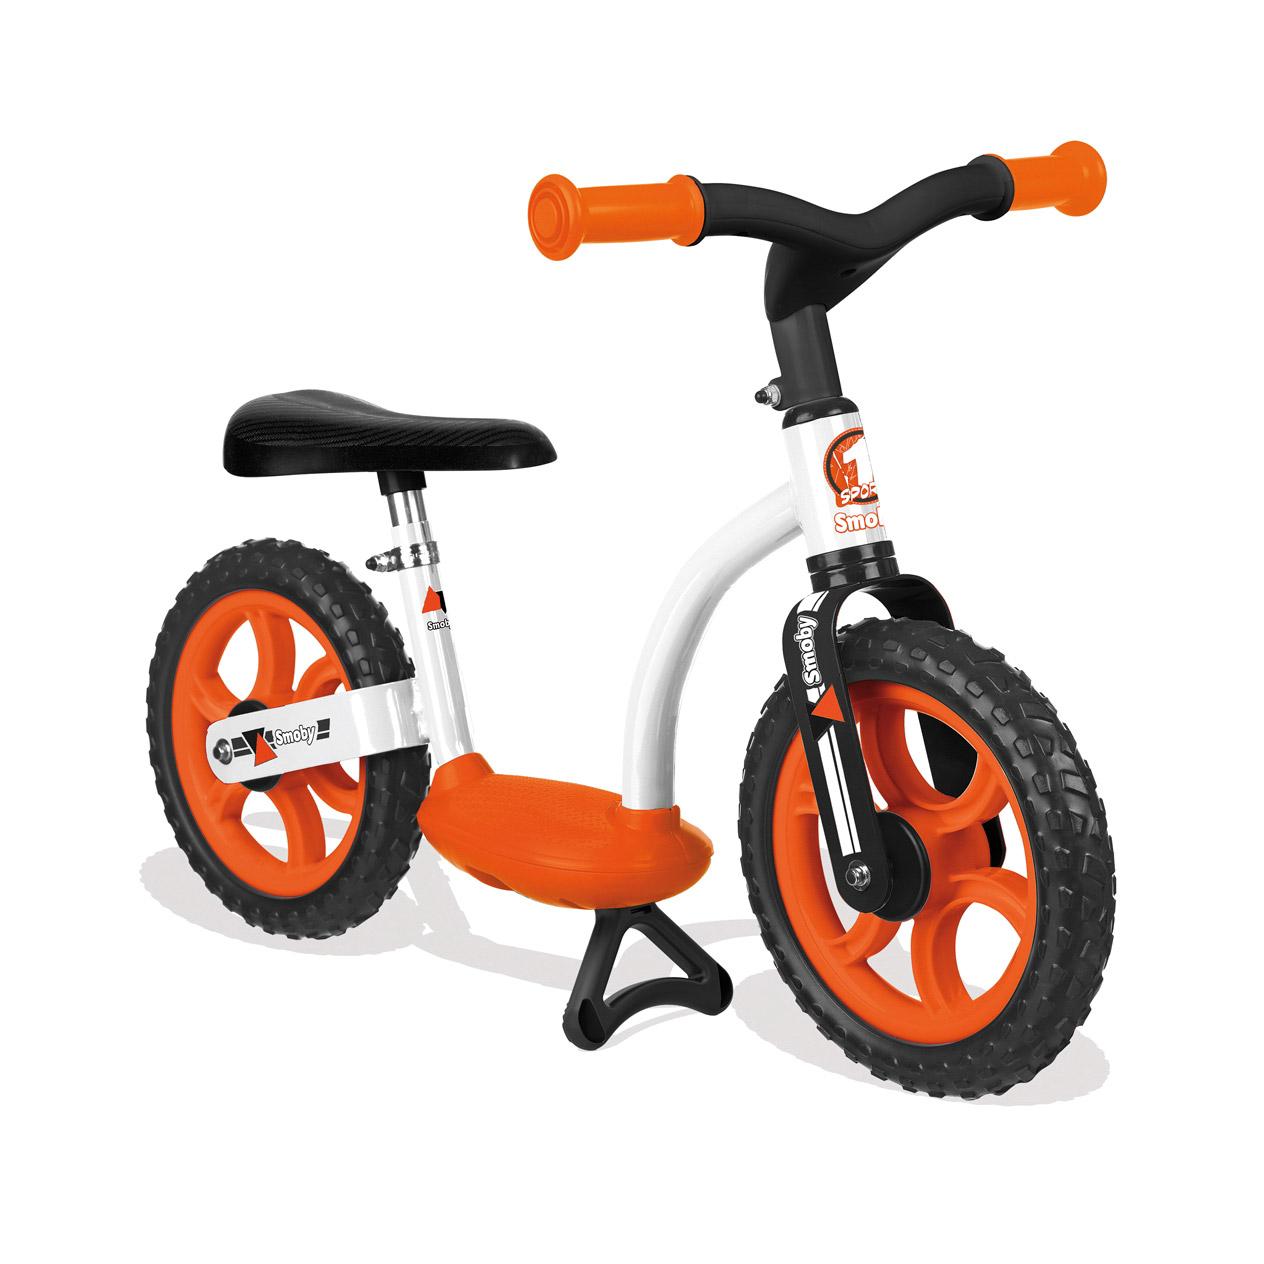 Беговел детский Smoby оранжевый 770103